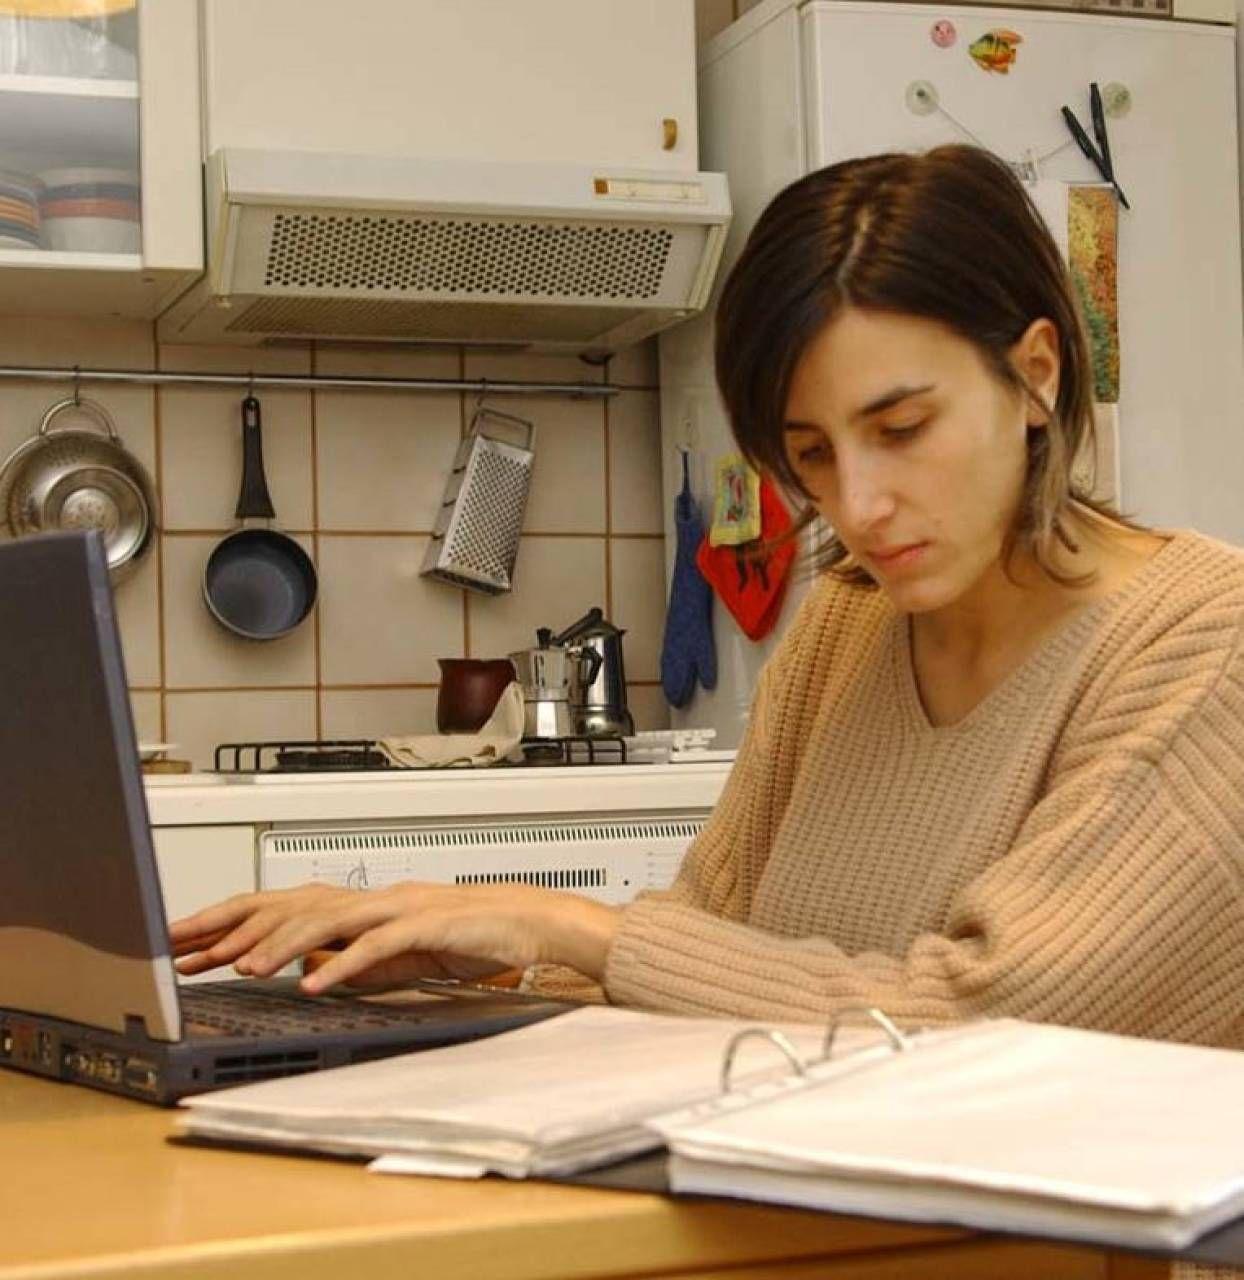 L'anno prossimo la percentuale di dipendenti in smart working potrebbe salire